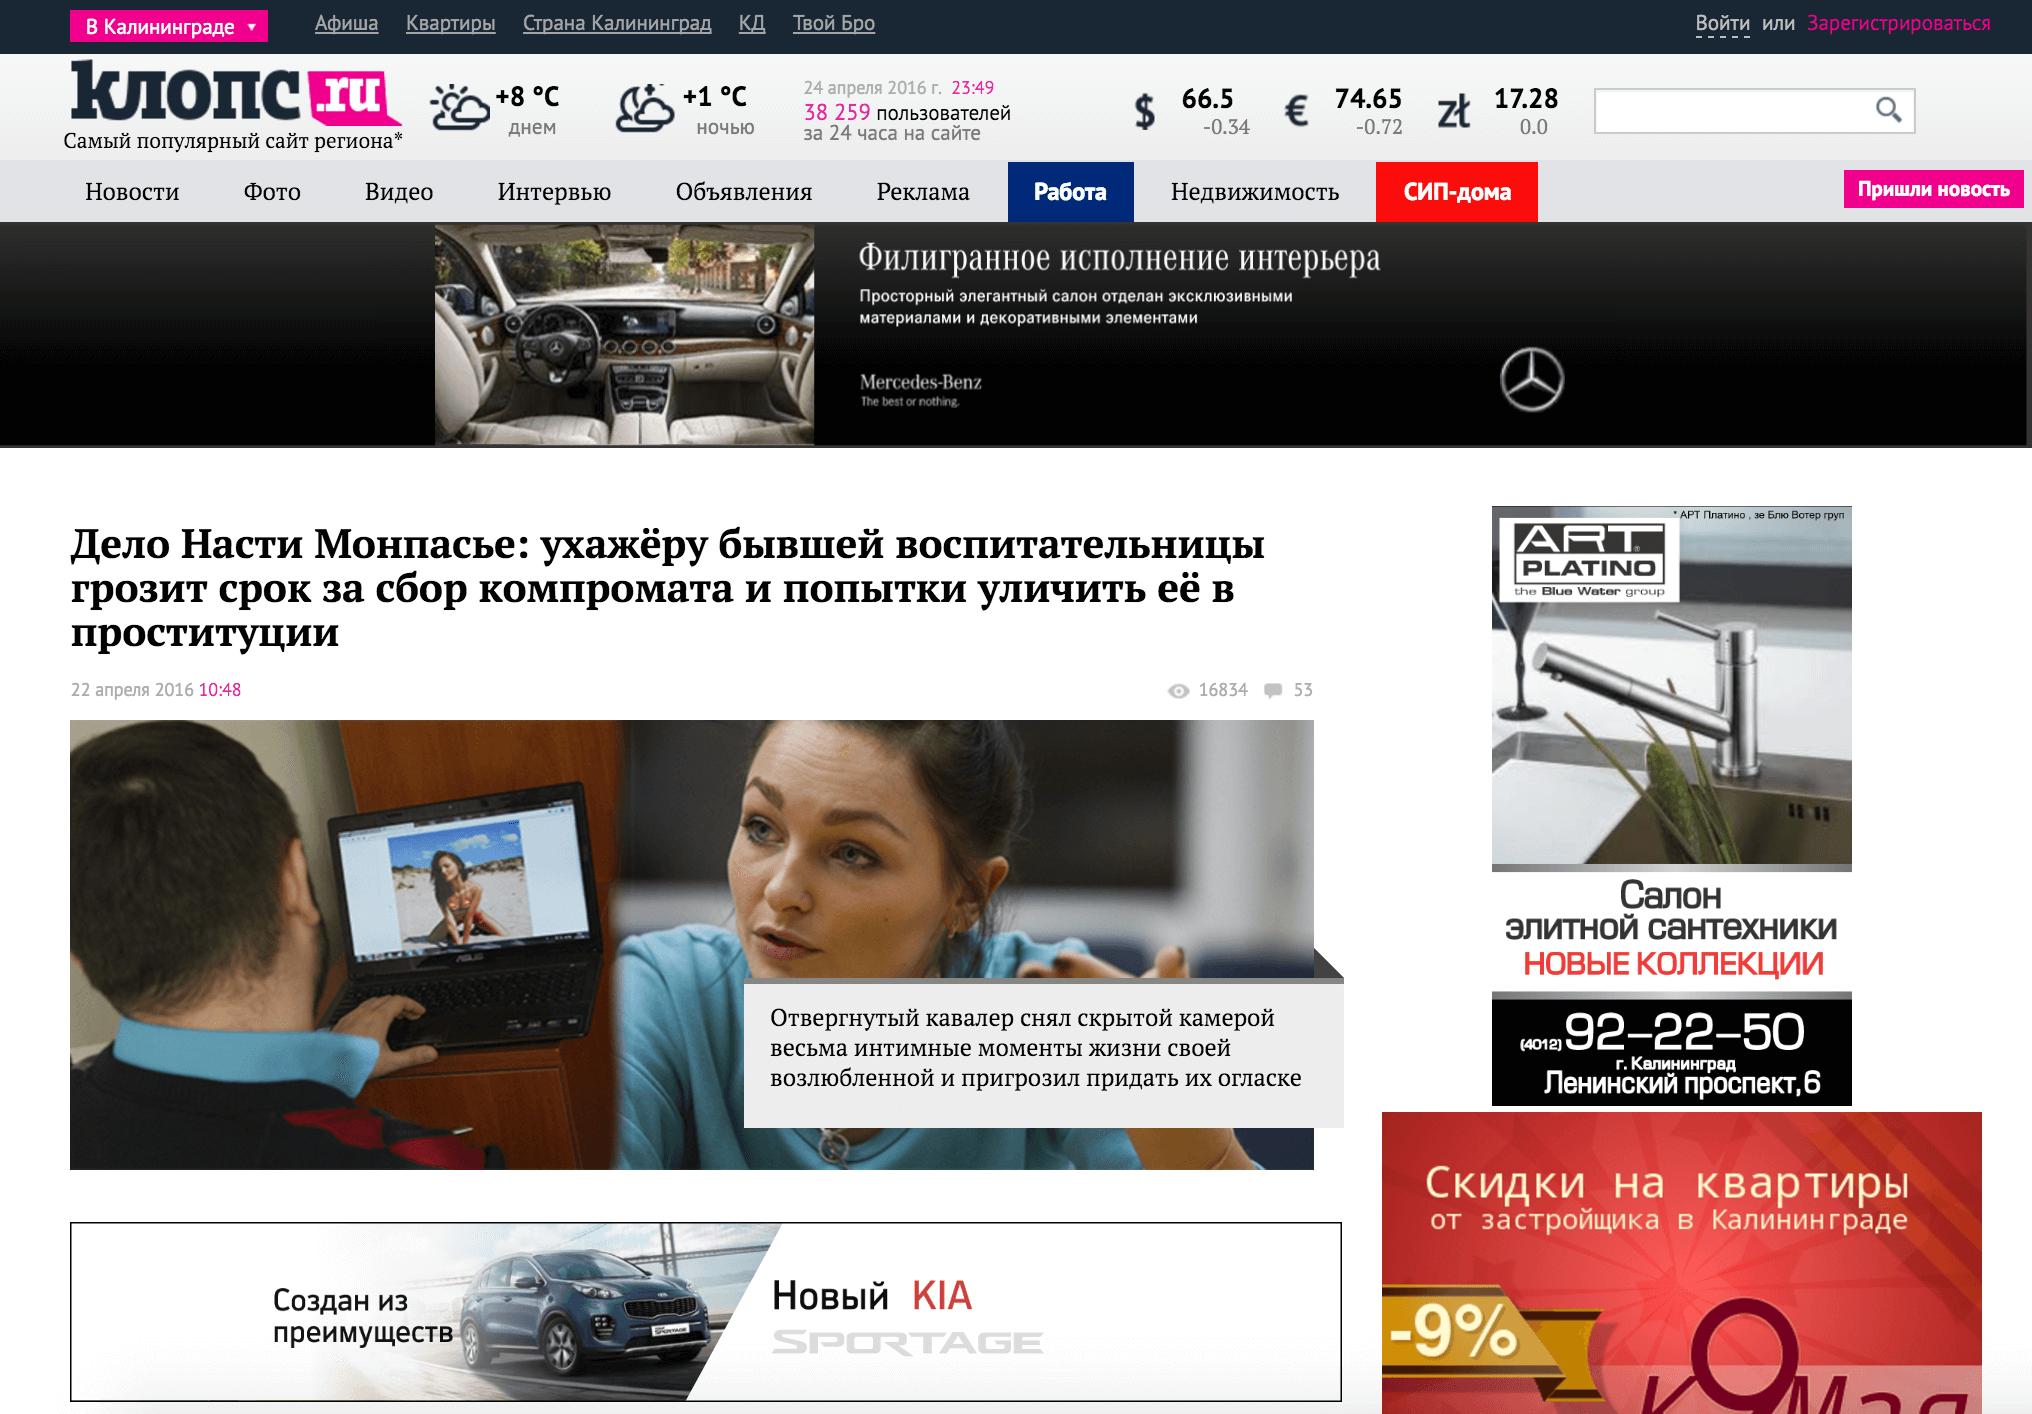 Полный SEO/Юзабилити аудит крупнейшего новостного портала Калининграда - кейс iPapus Agency